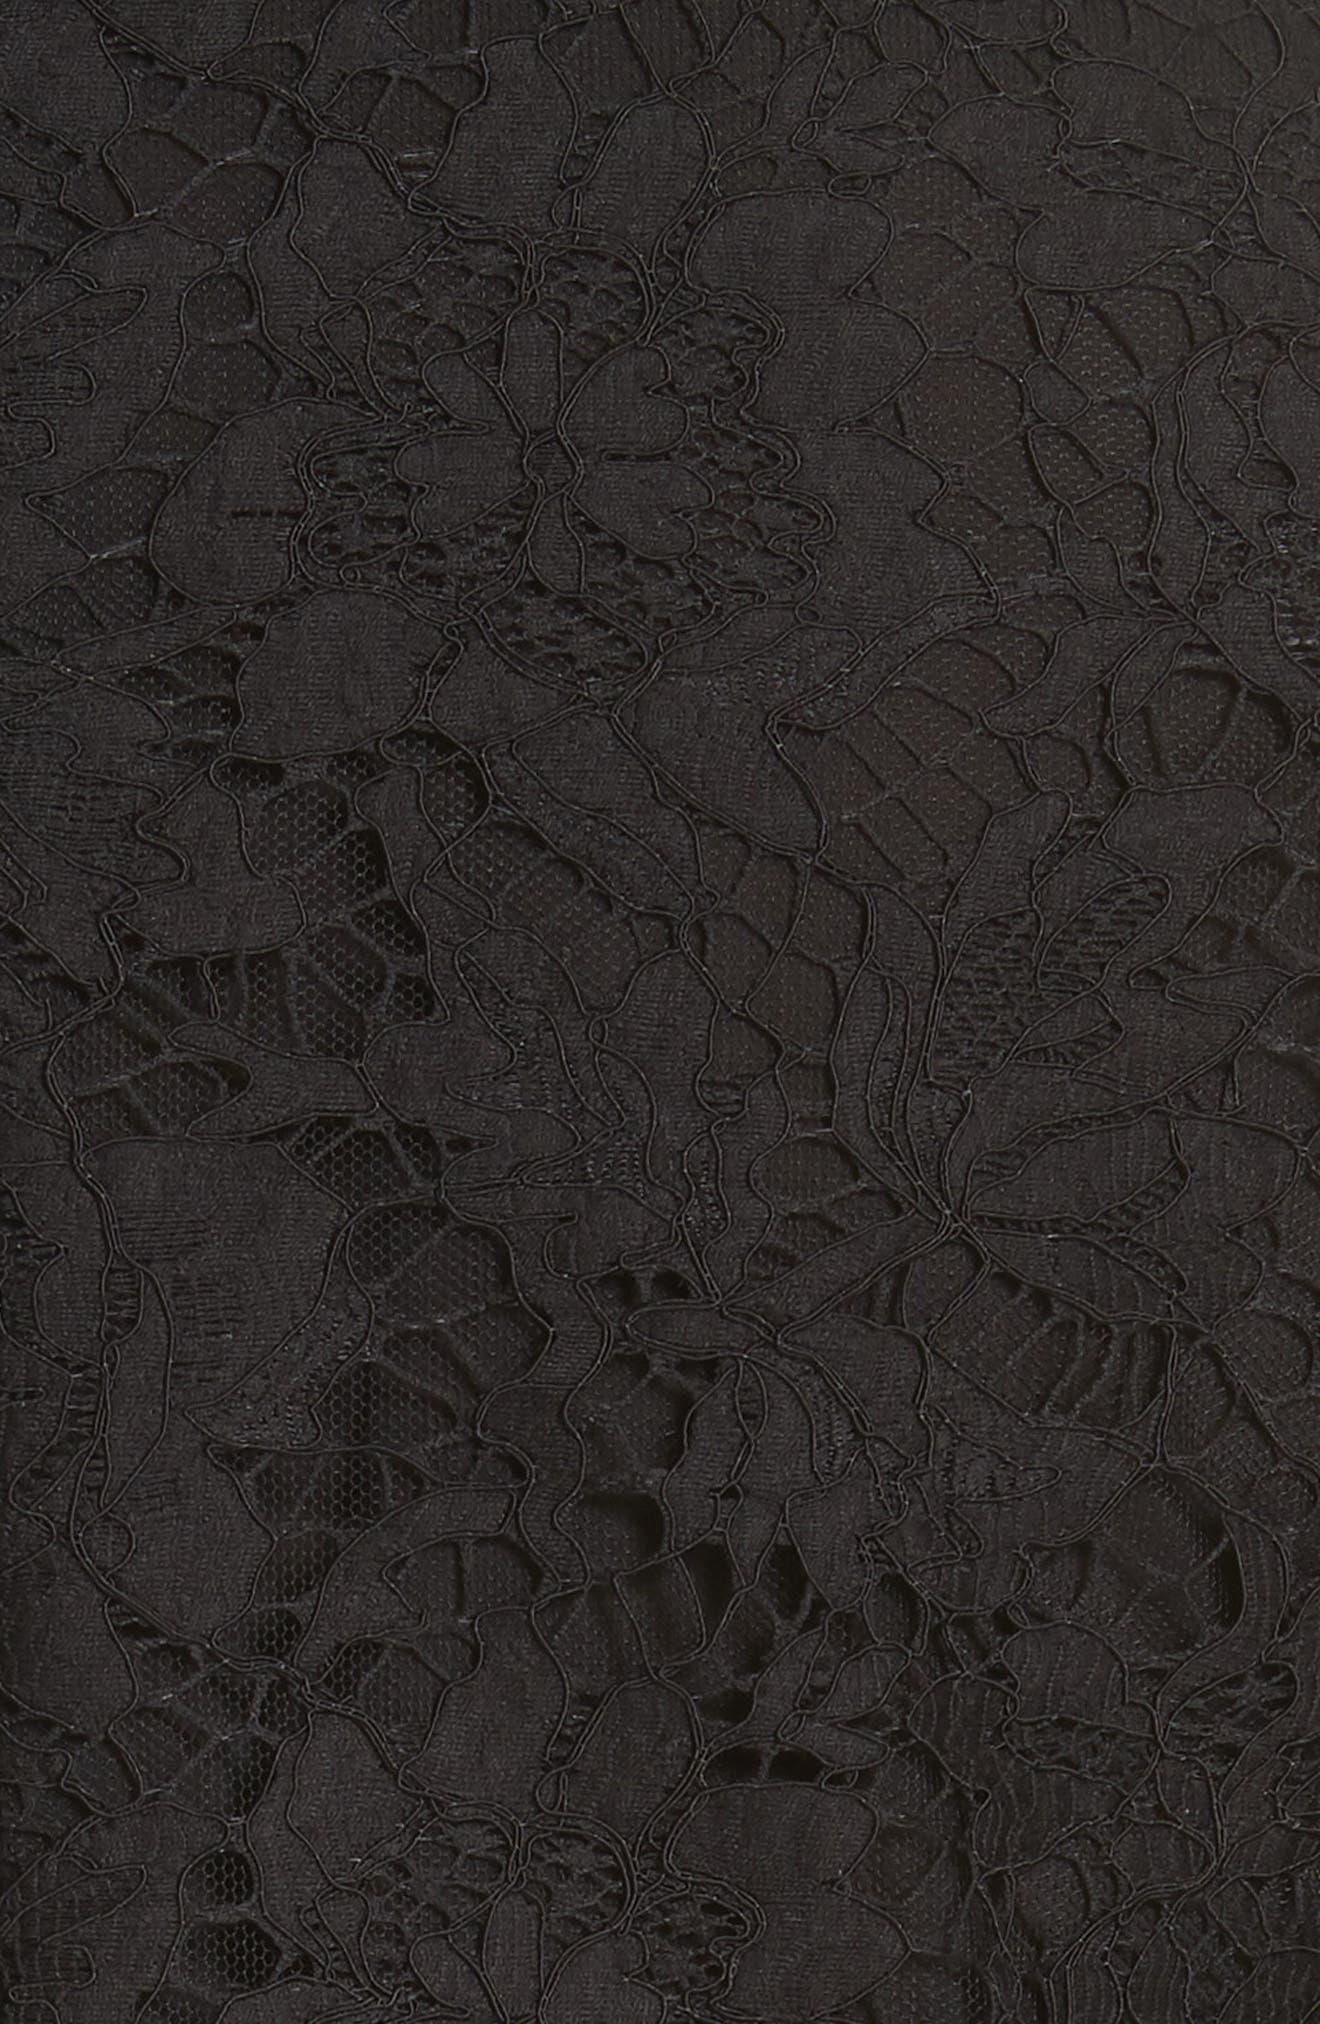 Ruffle Hem Lace Dress,                             Alternate thumbnail 6, color,                             BLACK